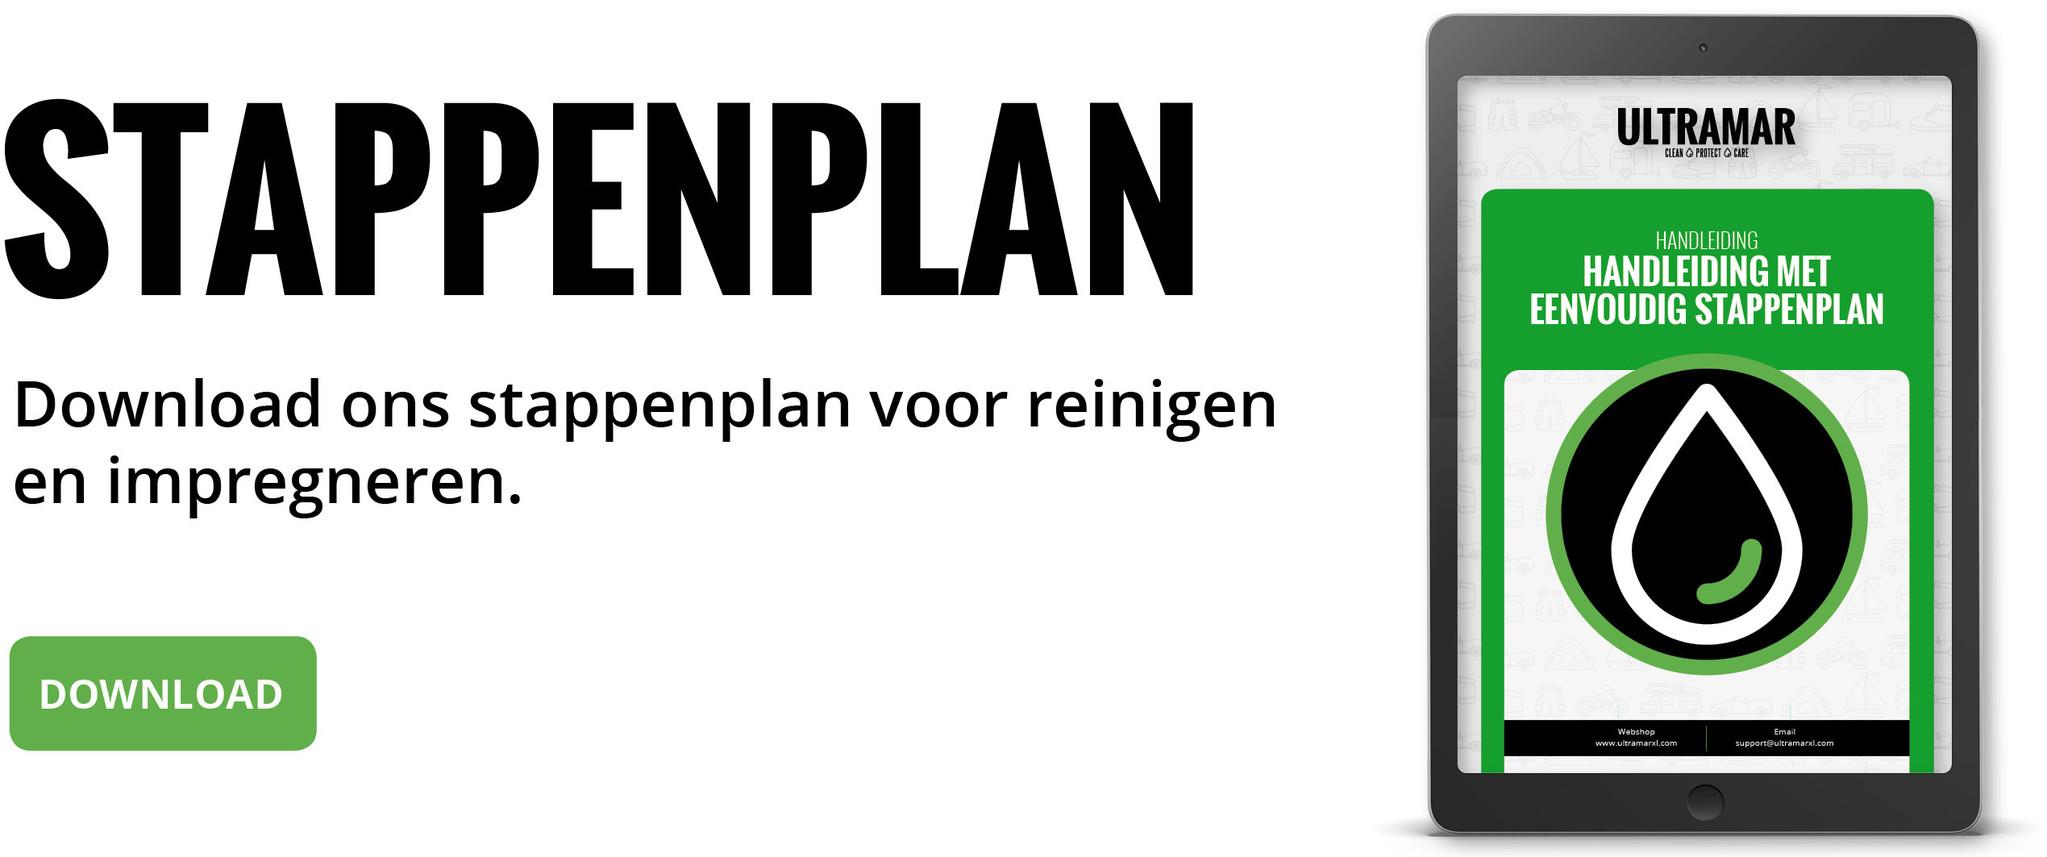 Download ons stappenplan voor reinigen  en impregneren.